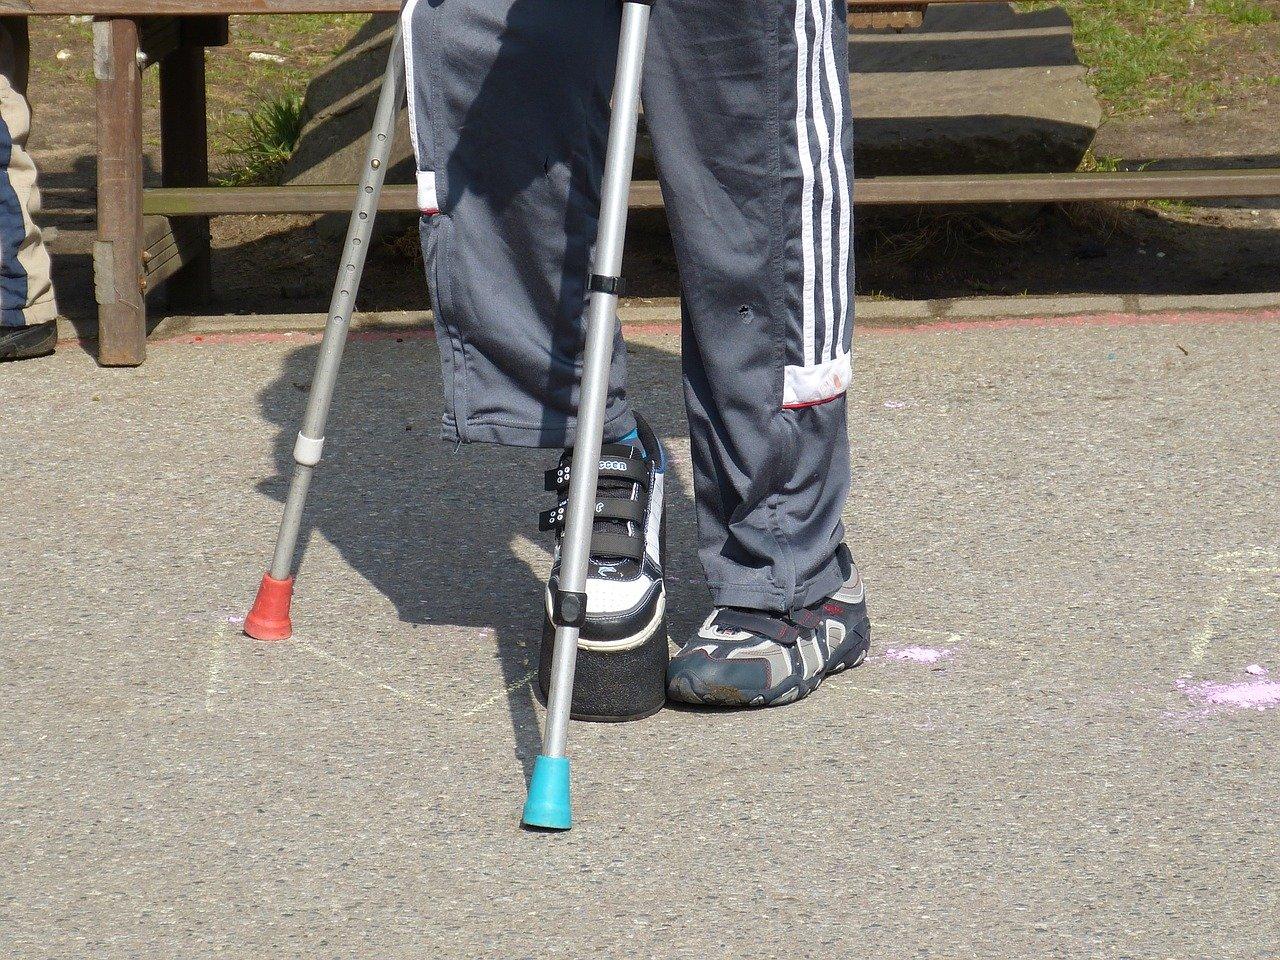 Pasienter og pårørende - Sykehushistorier fra Gran Canaria